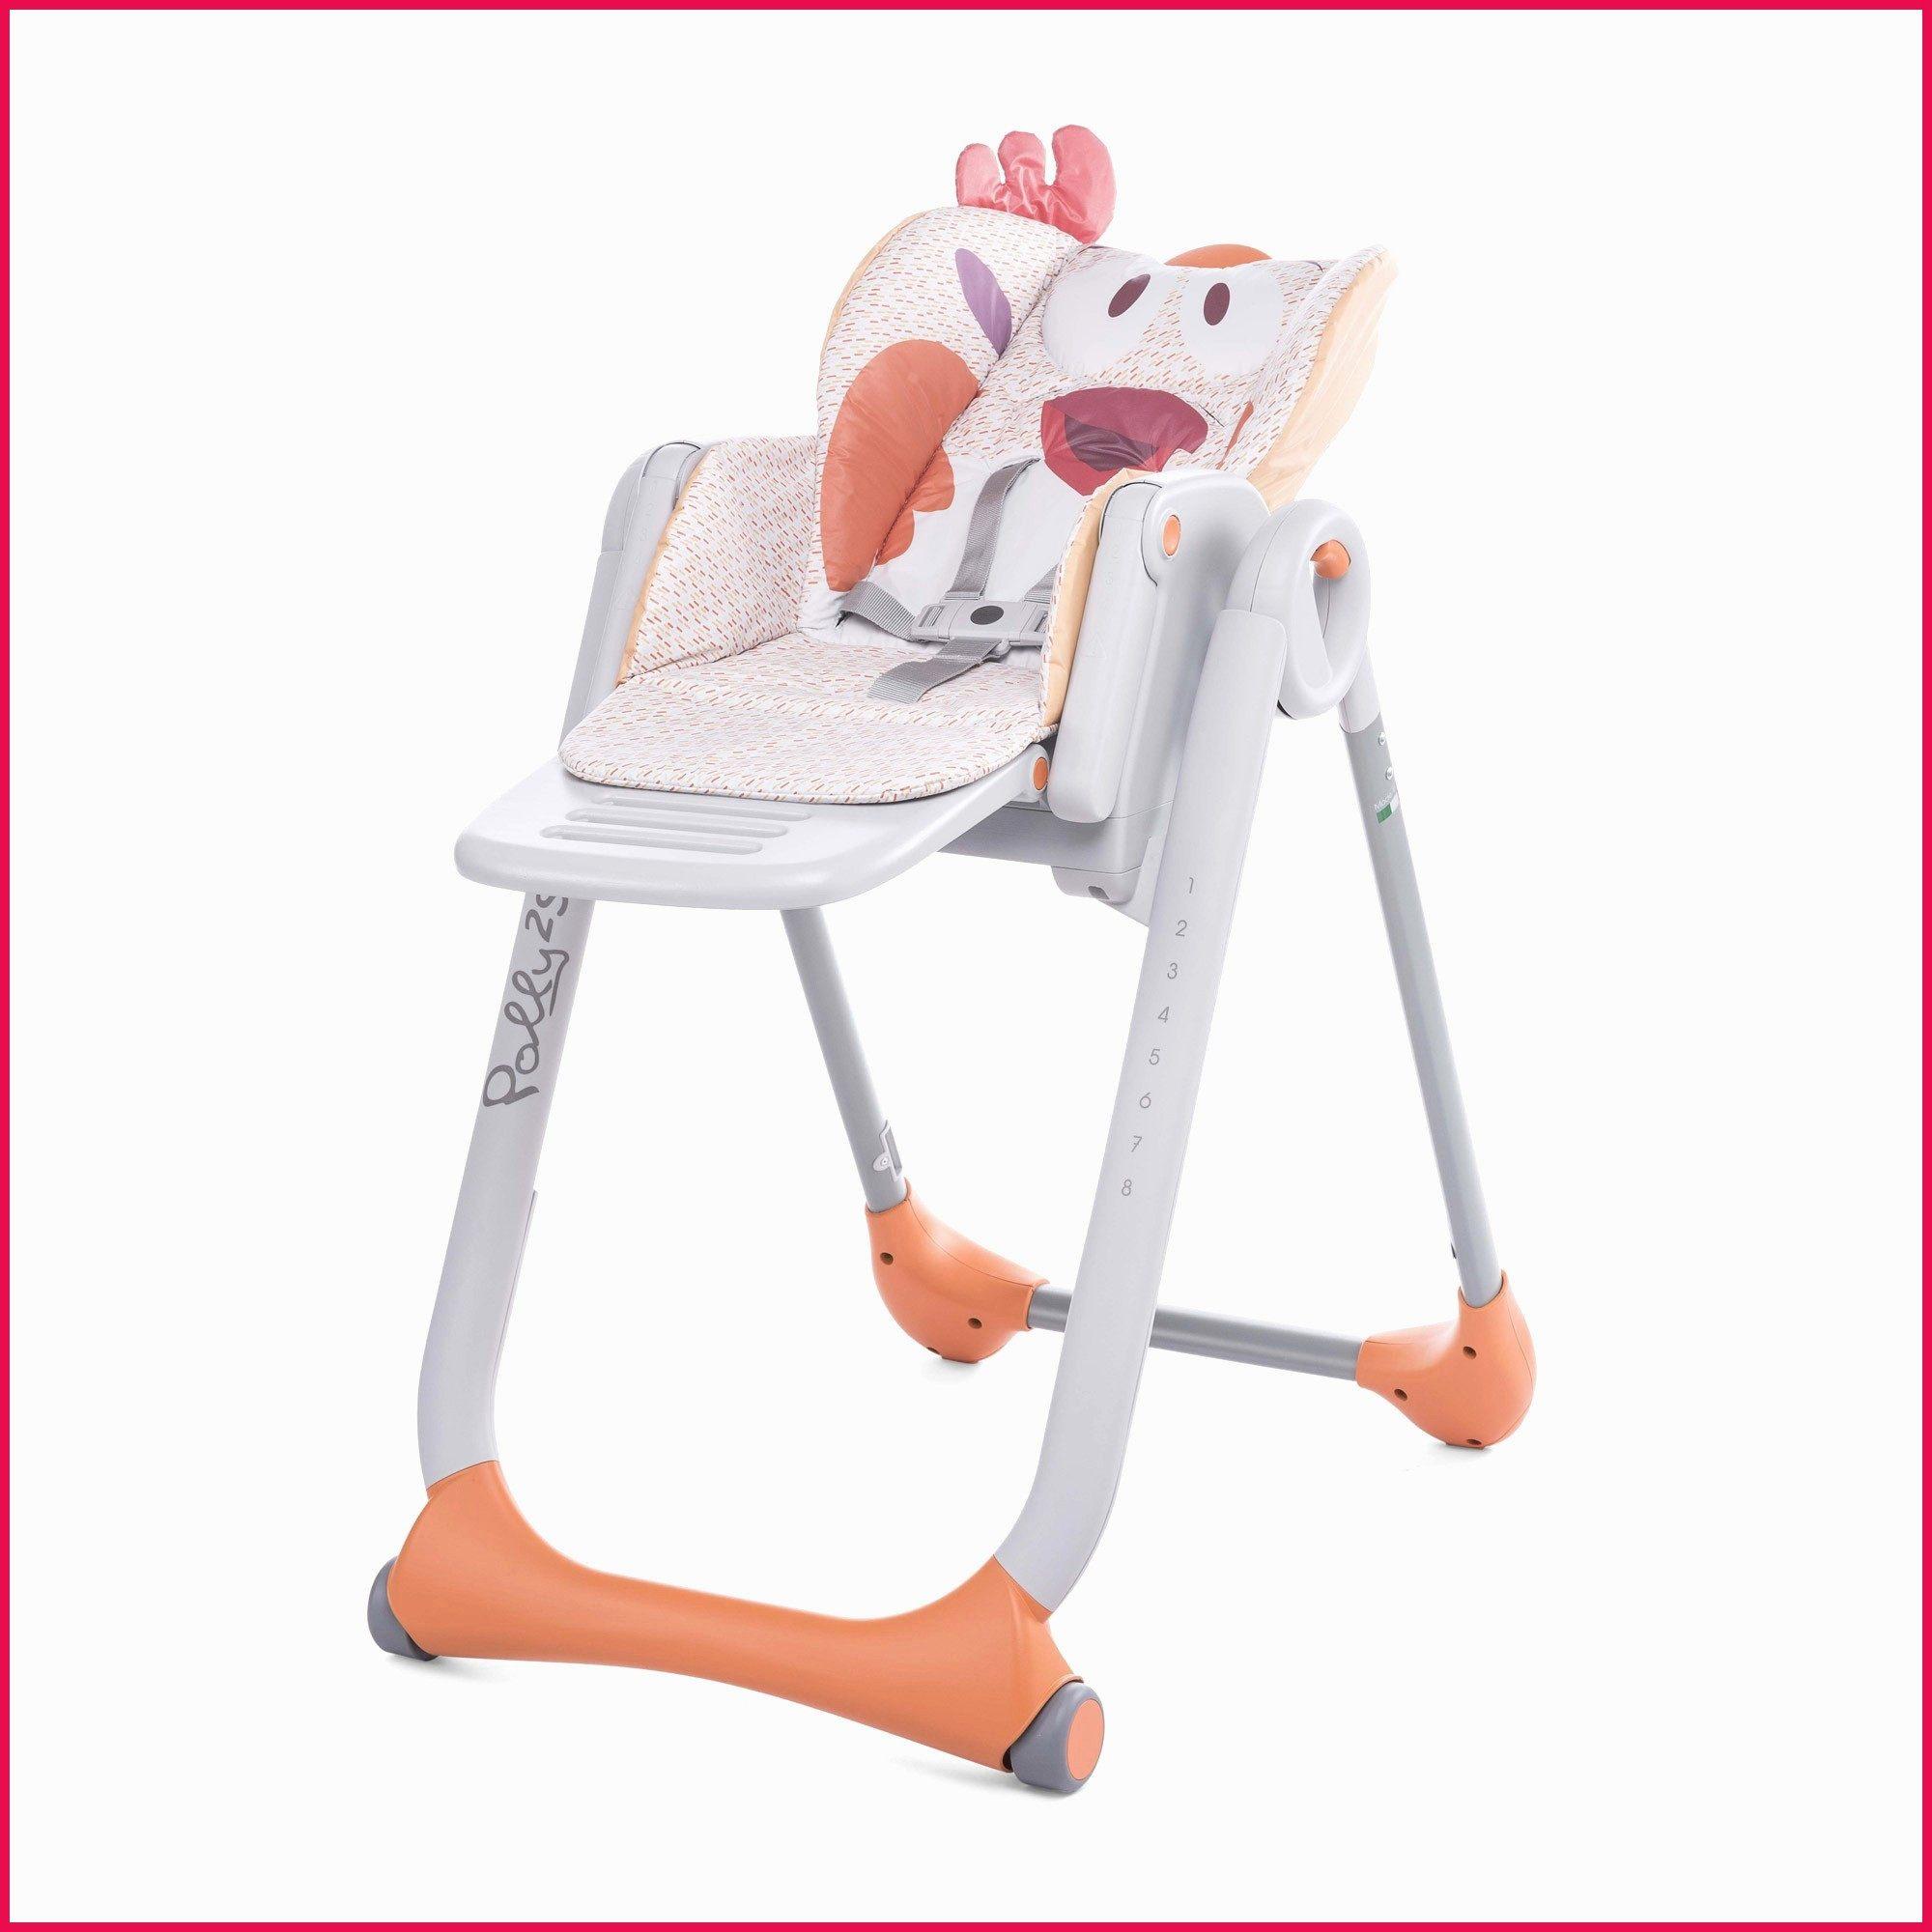 Lit Bébé Modulable Belle Chaise Haute Bébé 3 En 1 Matelas Lit Bebe A A Vendre Parc B C3 A9b